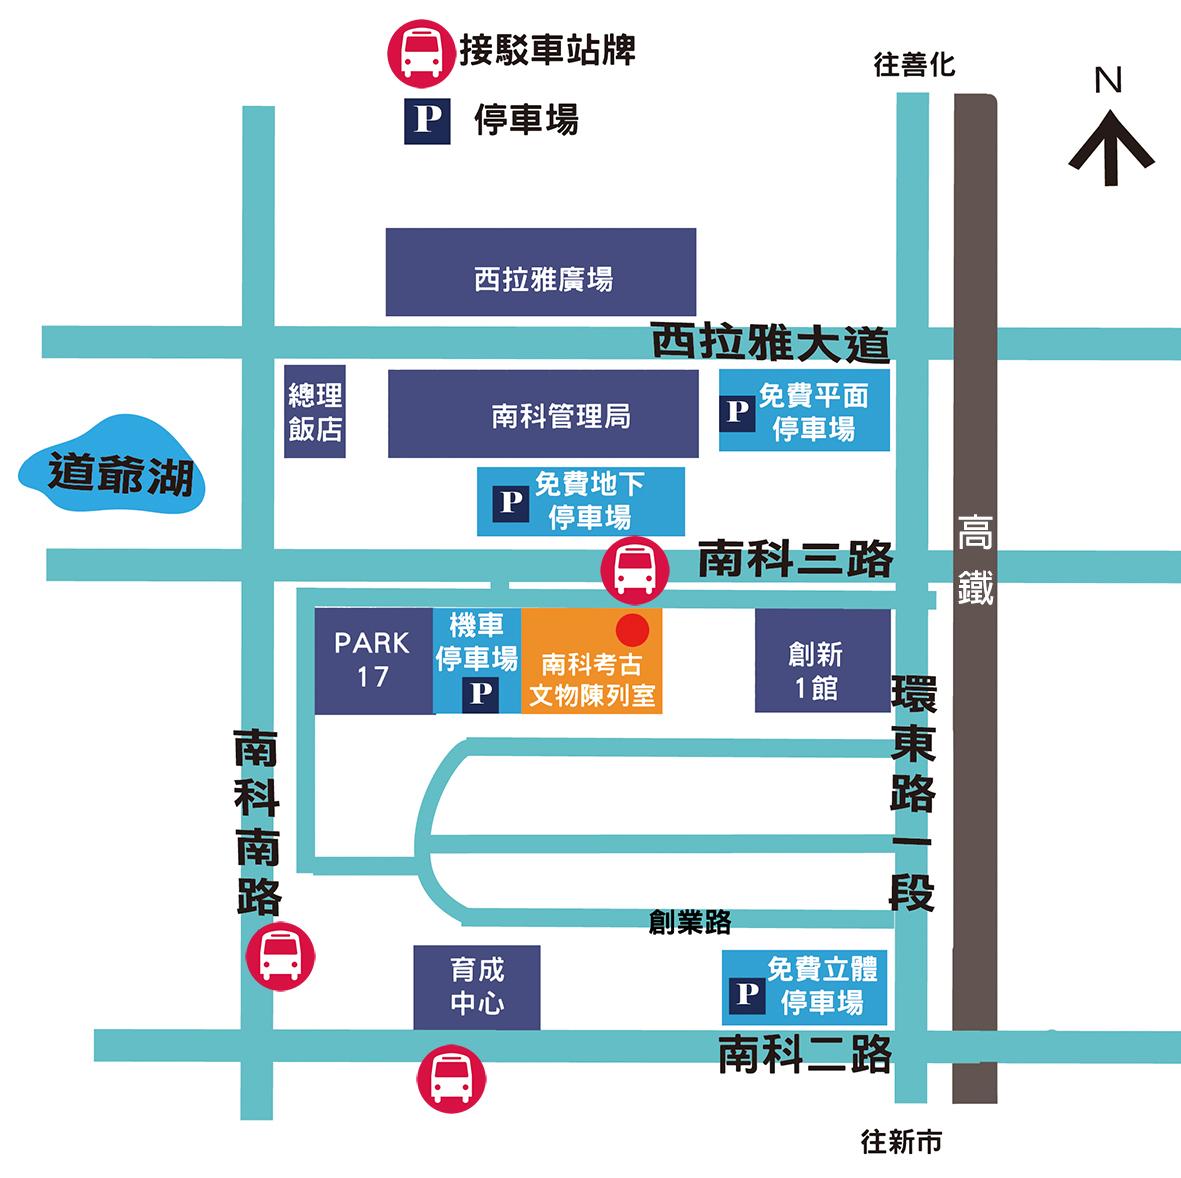 南科考古館交通路線圖